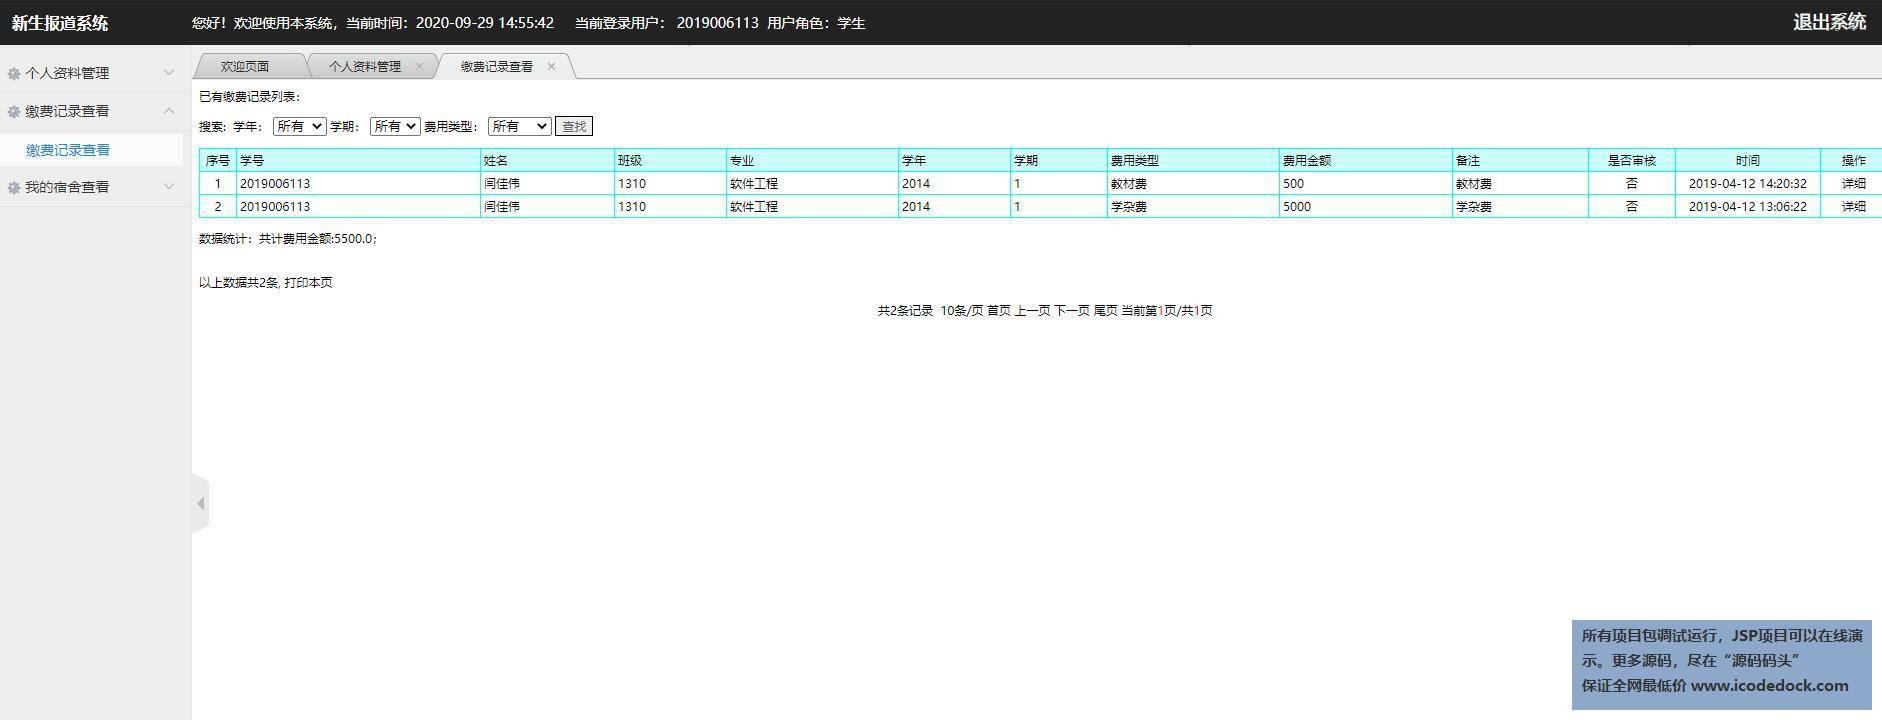 源码码头-JSP高校新生报到迎新管理系统-学生角色-缴费记录查看